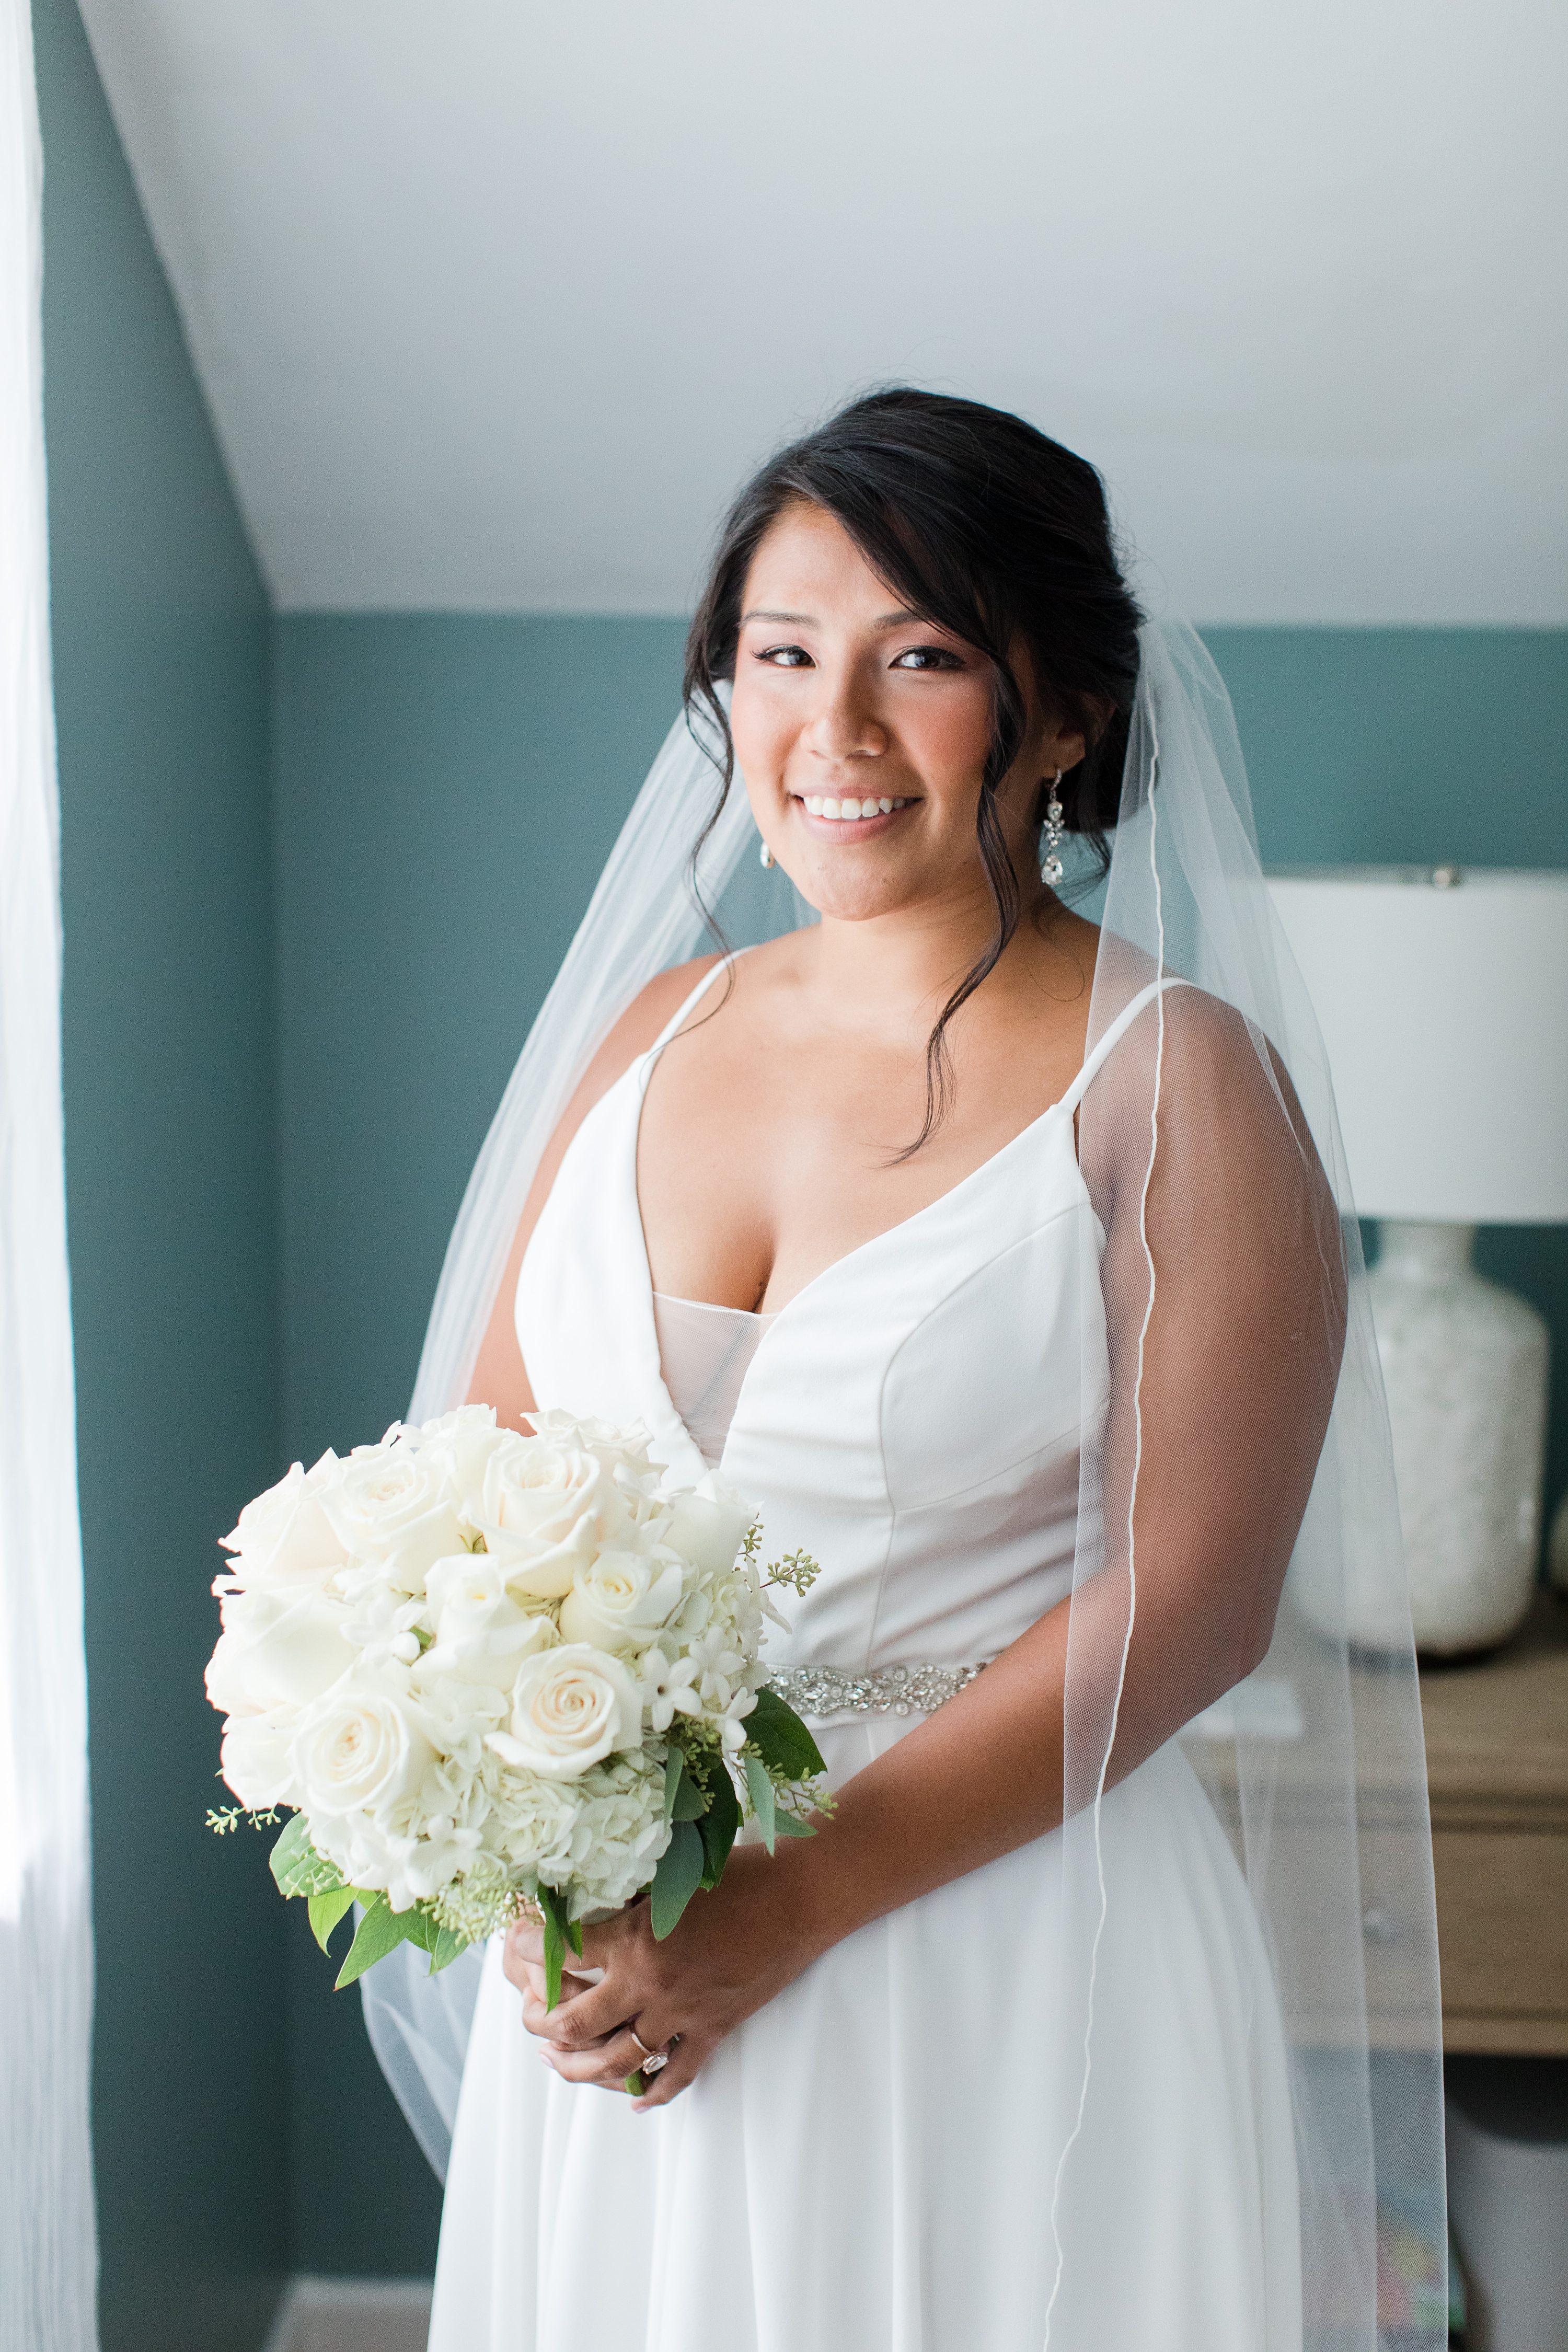 NJ micro wedding, backyard wedding photographer